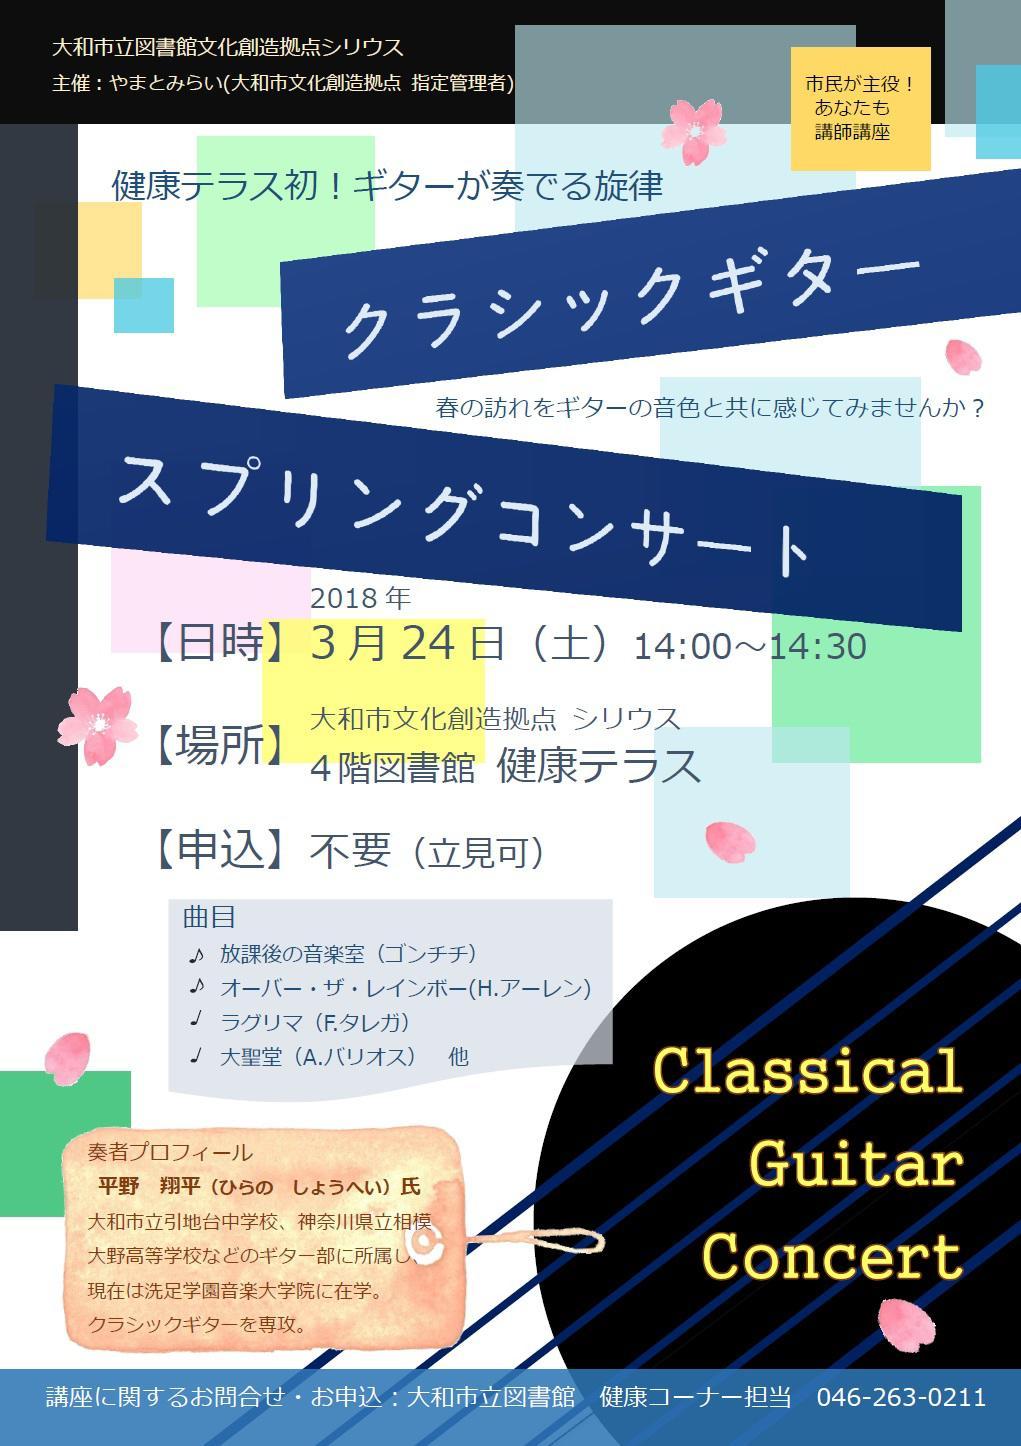 市民が主役!あなたも講師講座クラシックギター スプリングコンサート